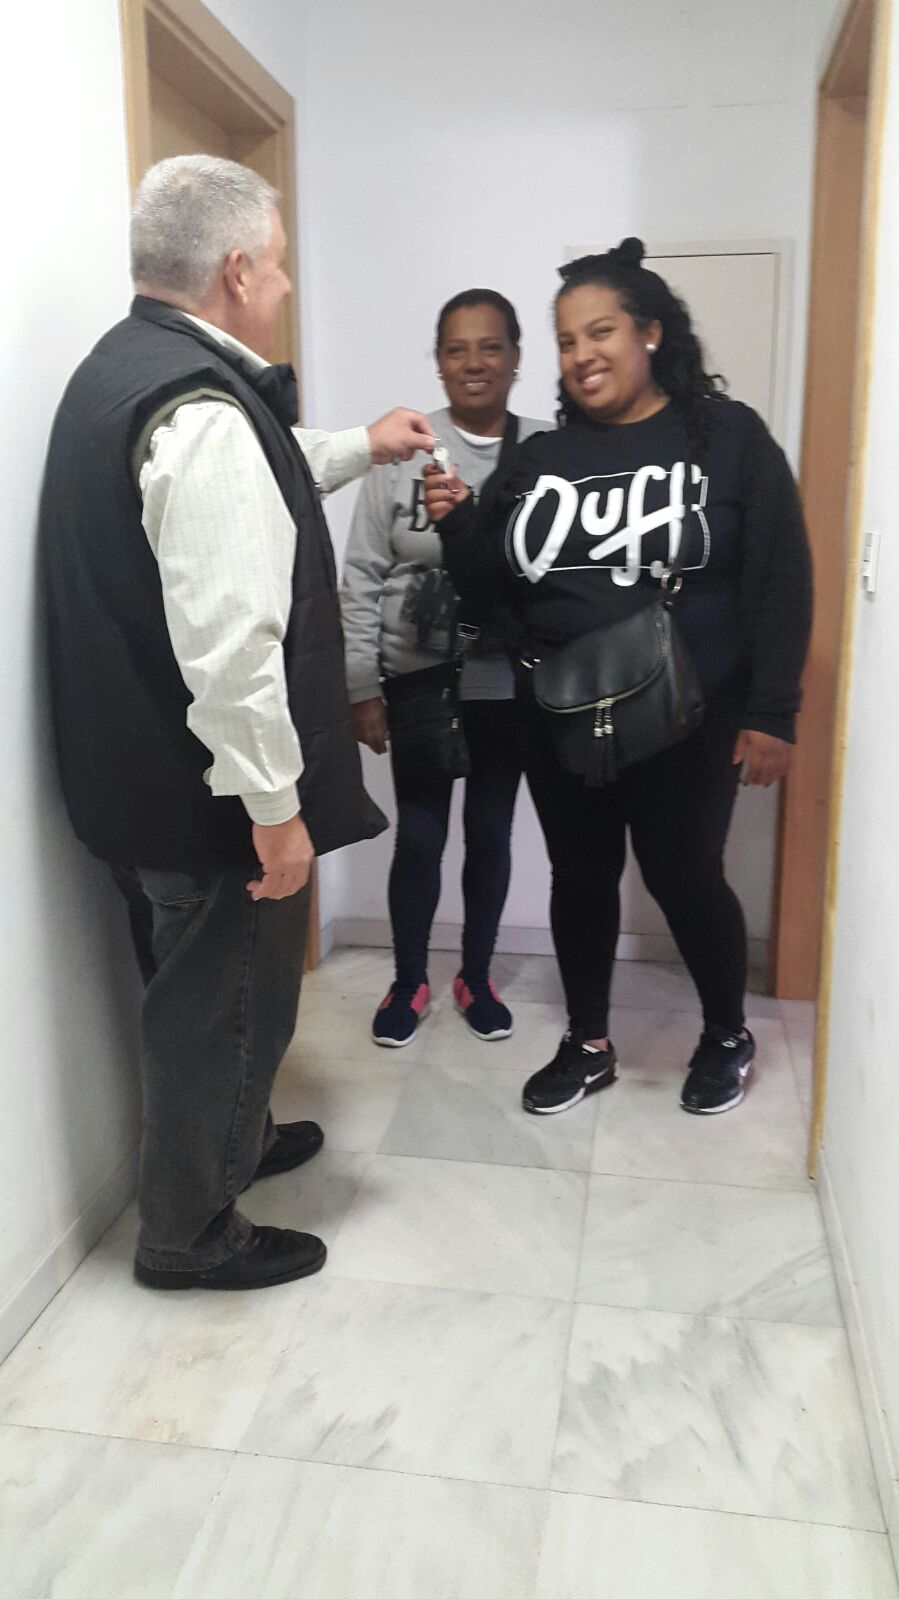 El juzgado desaloja a la ocupante ilegal de una vivienda de Emvisesa a la que se habían ofrecido ayudas sociales y un piso de transición. La vivienda ya ha sido adjudicada a una familia víctima de un desahucio.